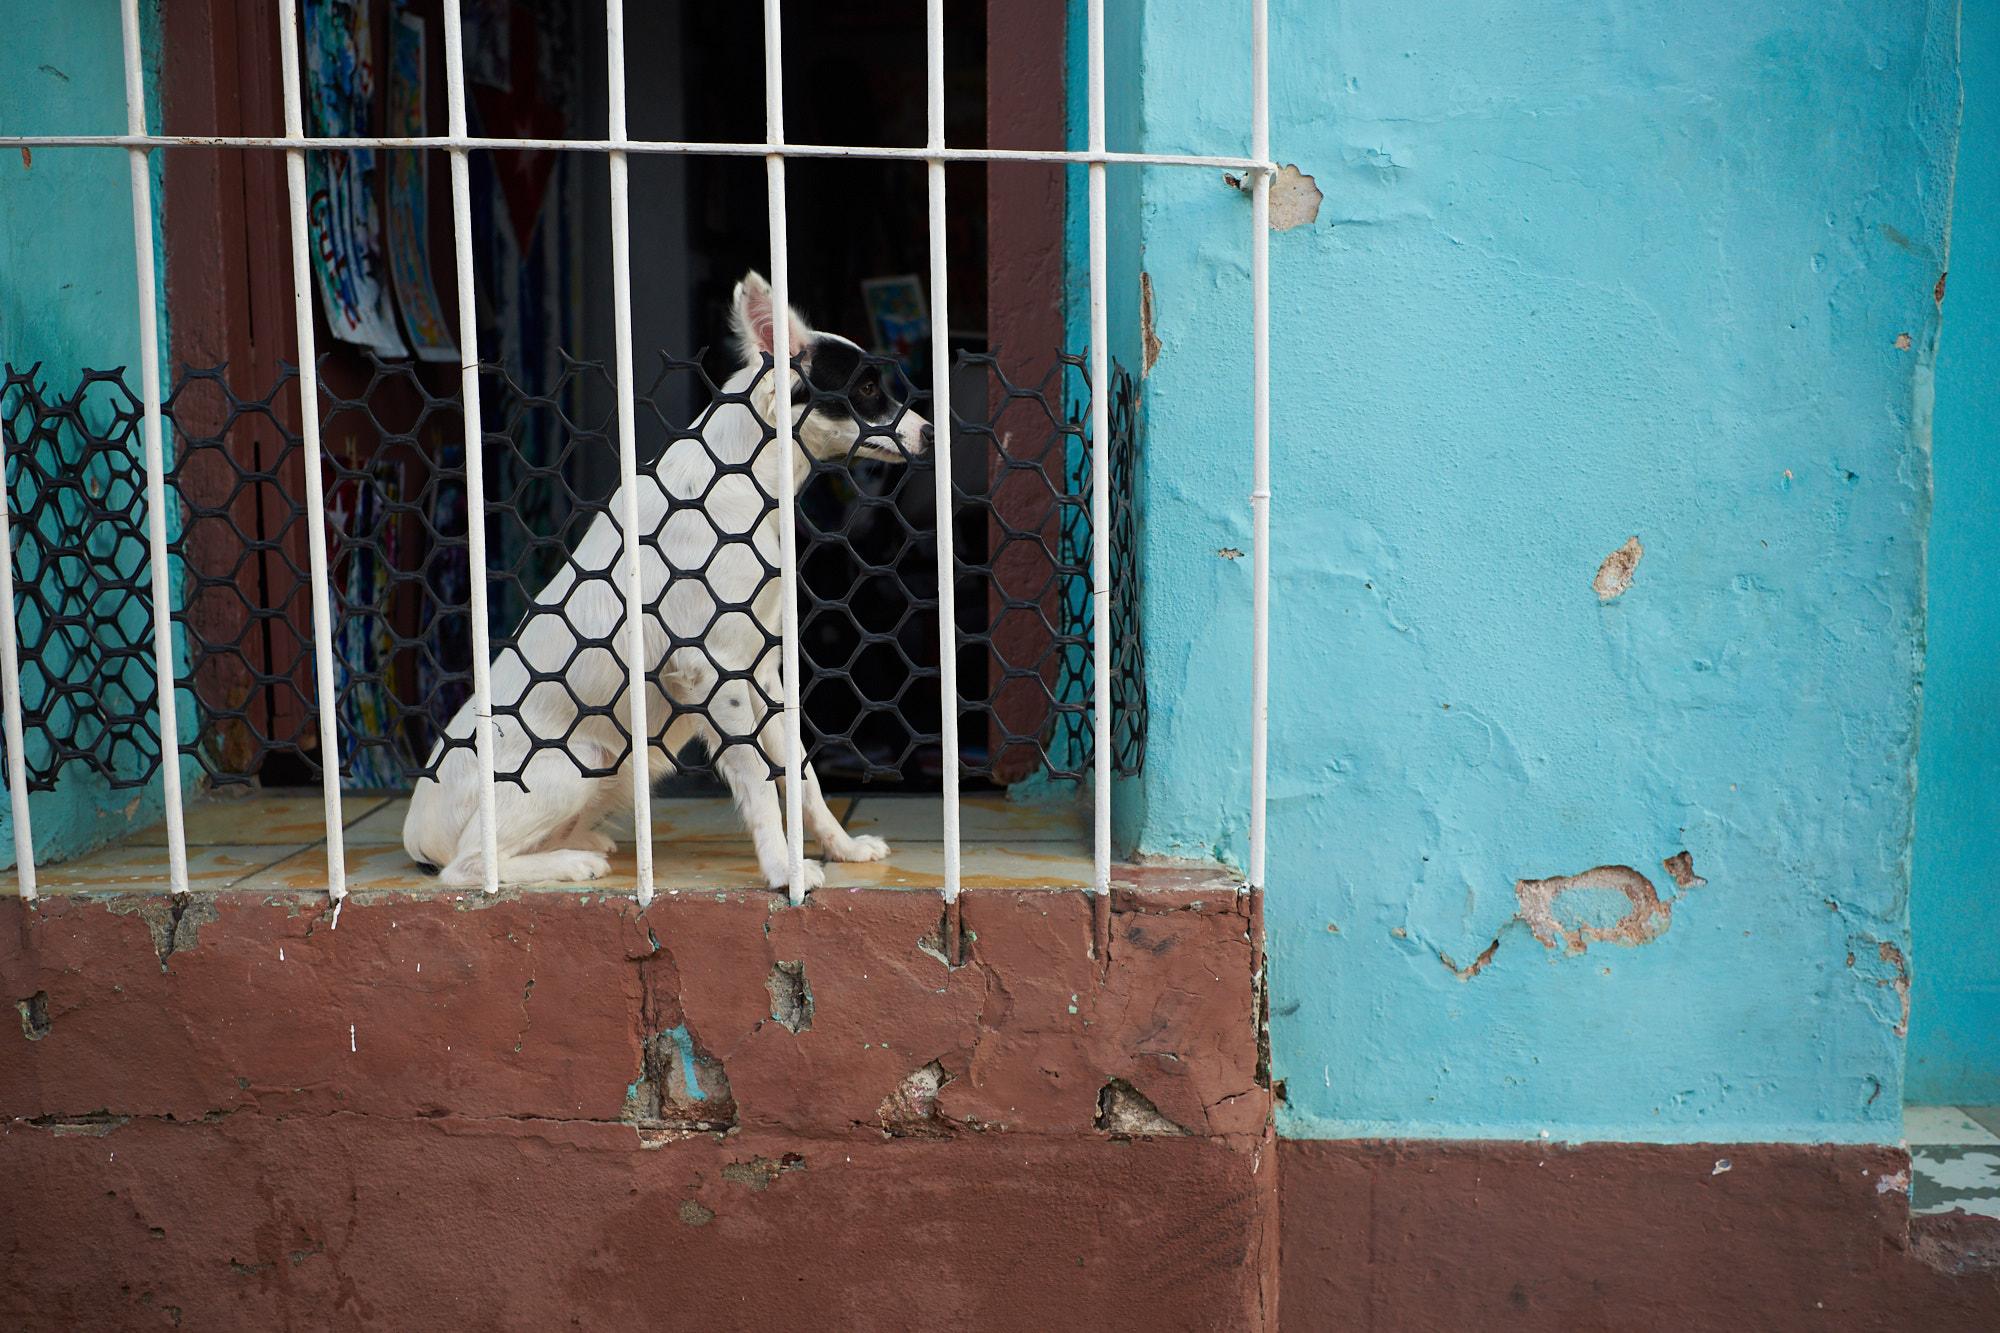 18-01-12-Cuba_2844Web.jpg